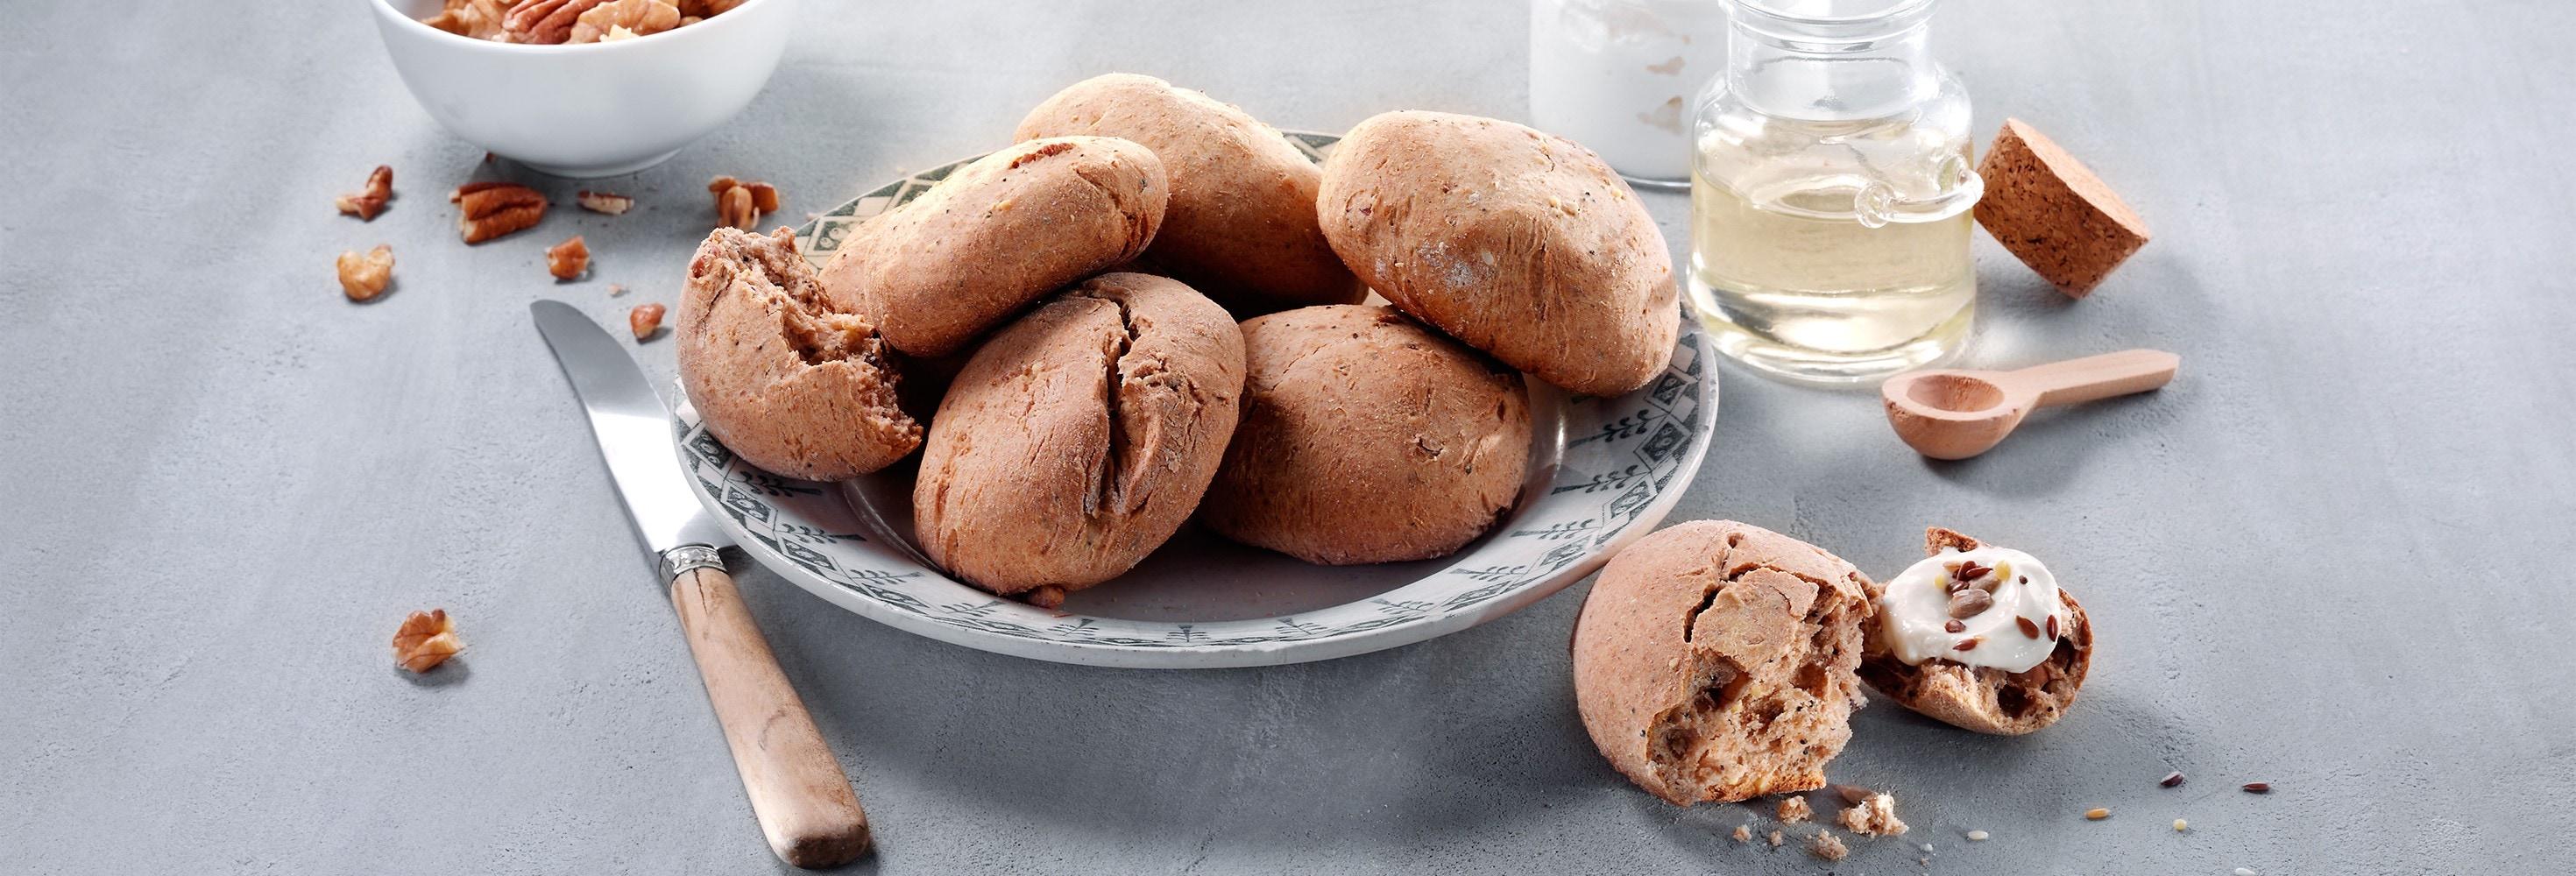 Broodjes met zaden en plattekaas